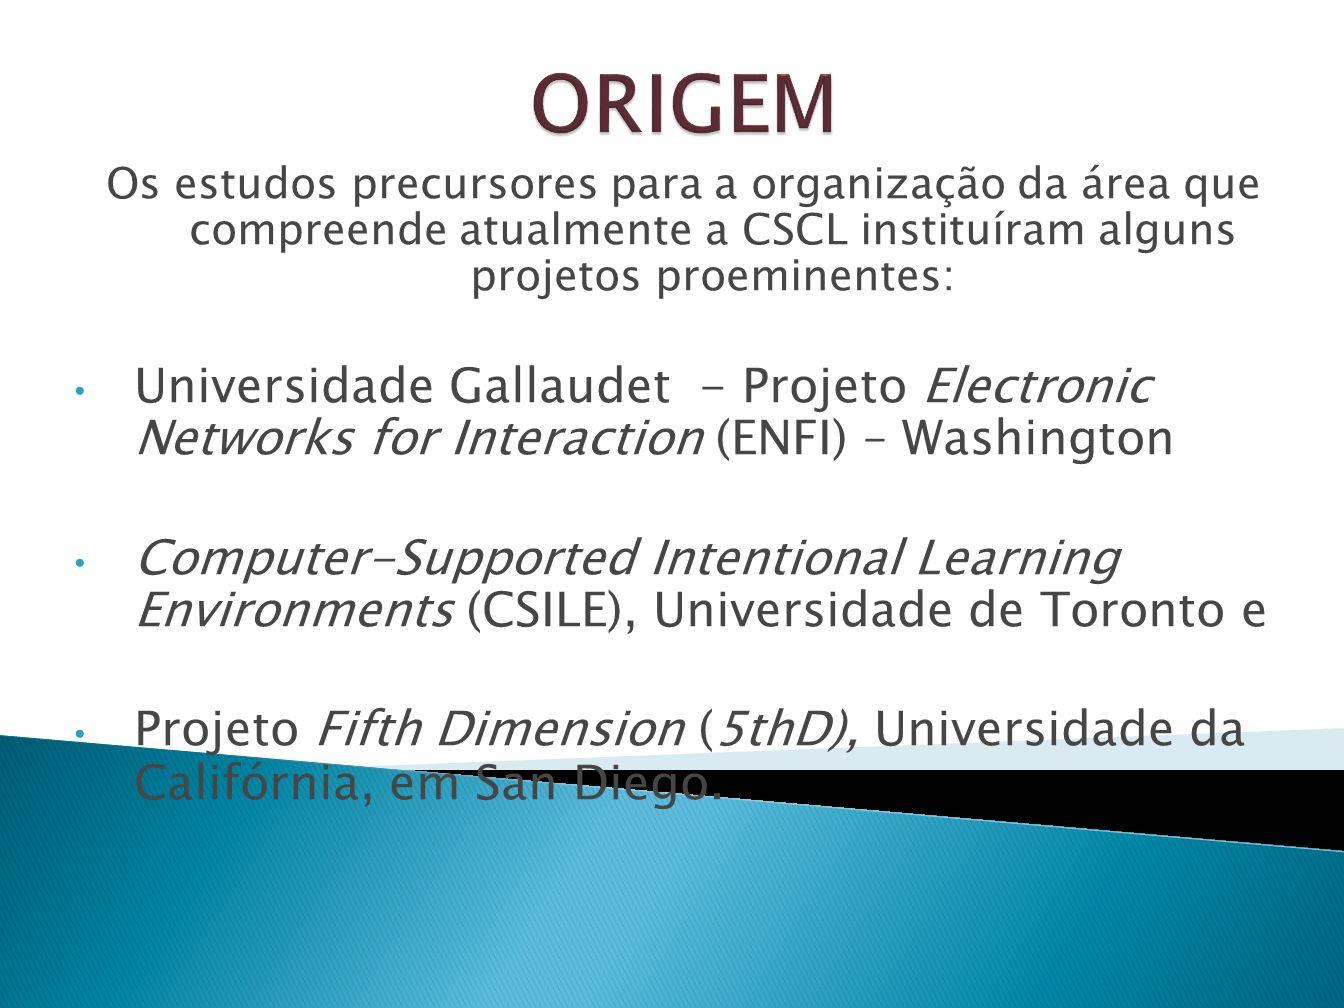 ORIGEM Os estudos precursores para a organização da área que compreende atualmente a CSCL instituíram alguns projetos proeminentes: